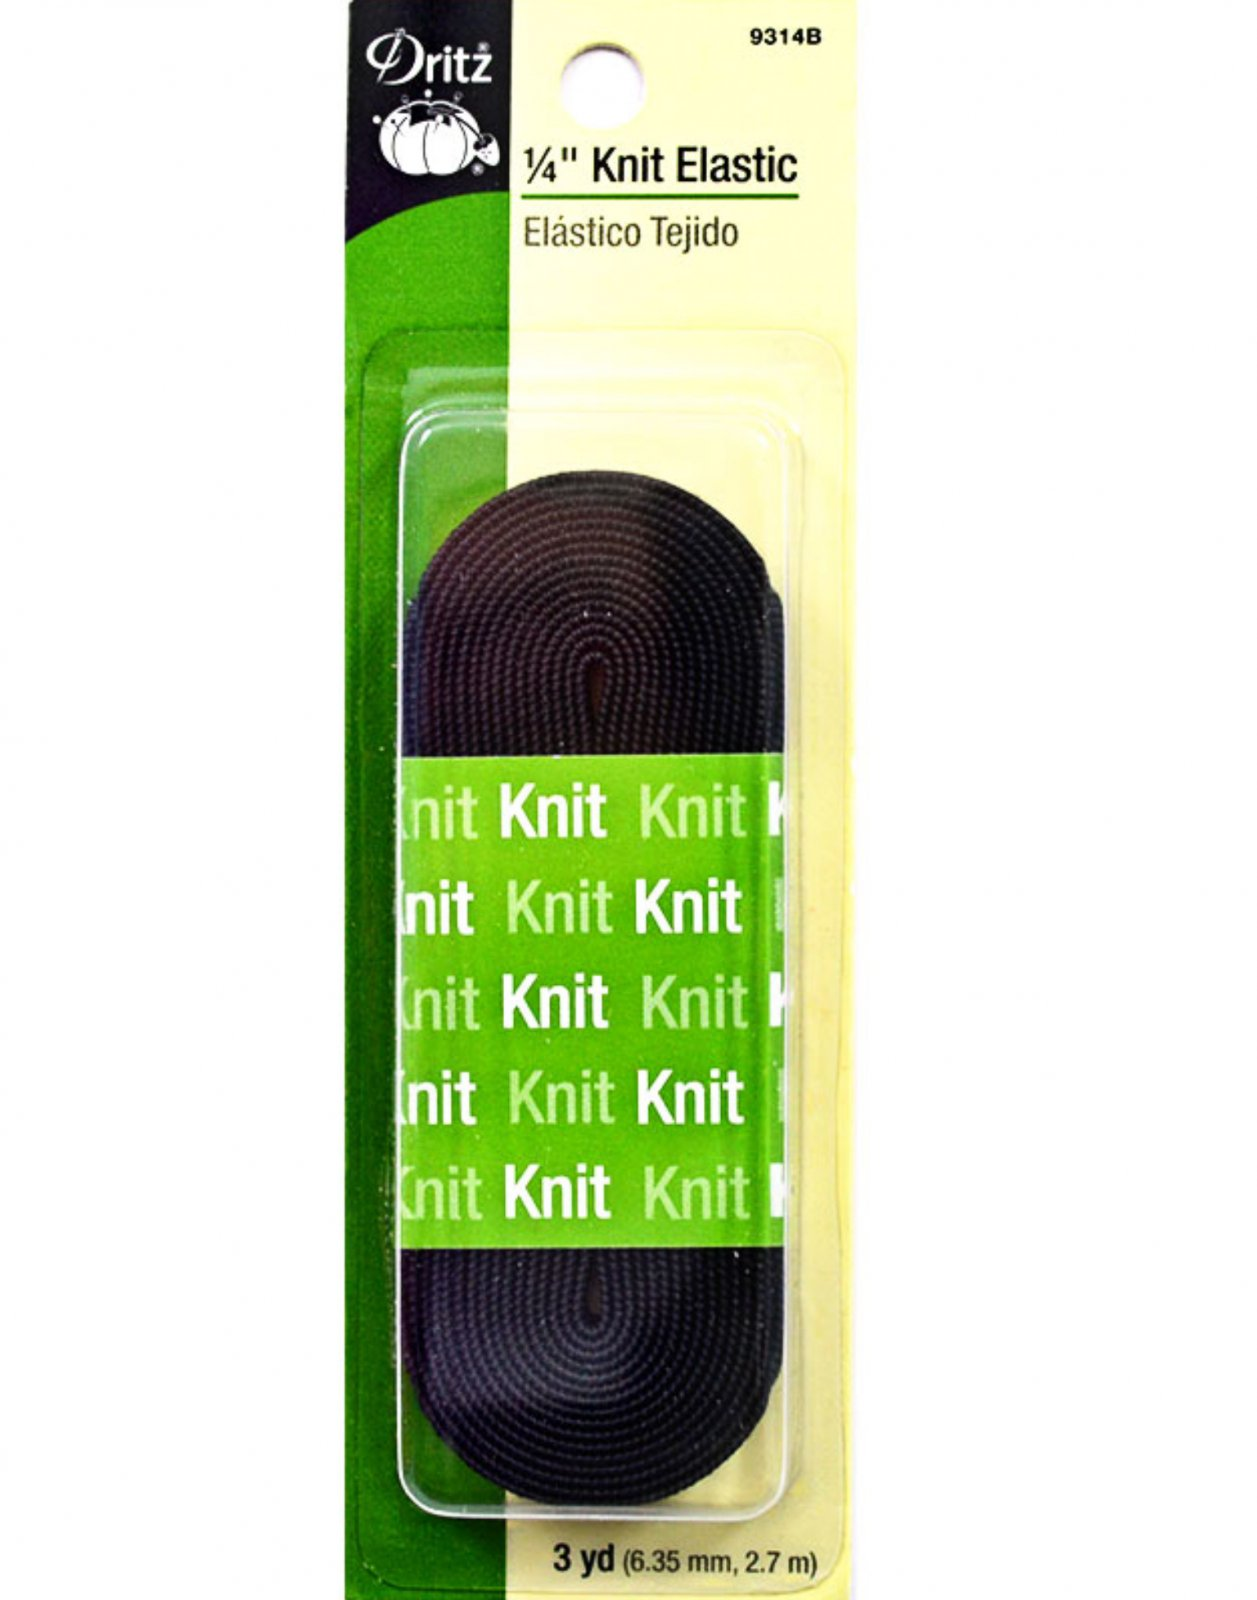 PRE-ORDER Black 1/4 Knit Elastic for Medical Masks